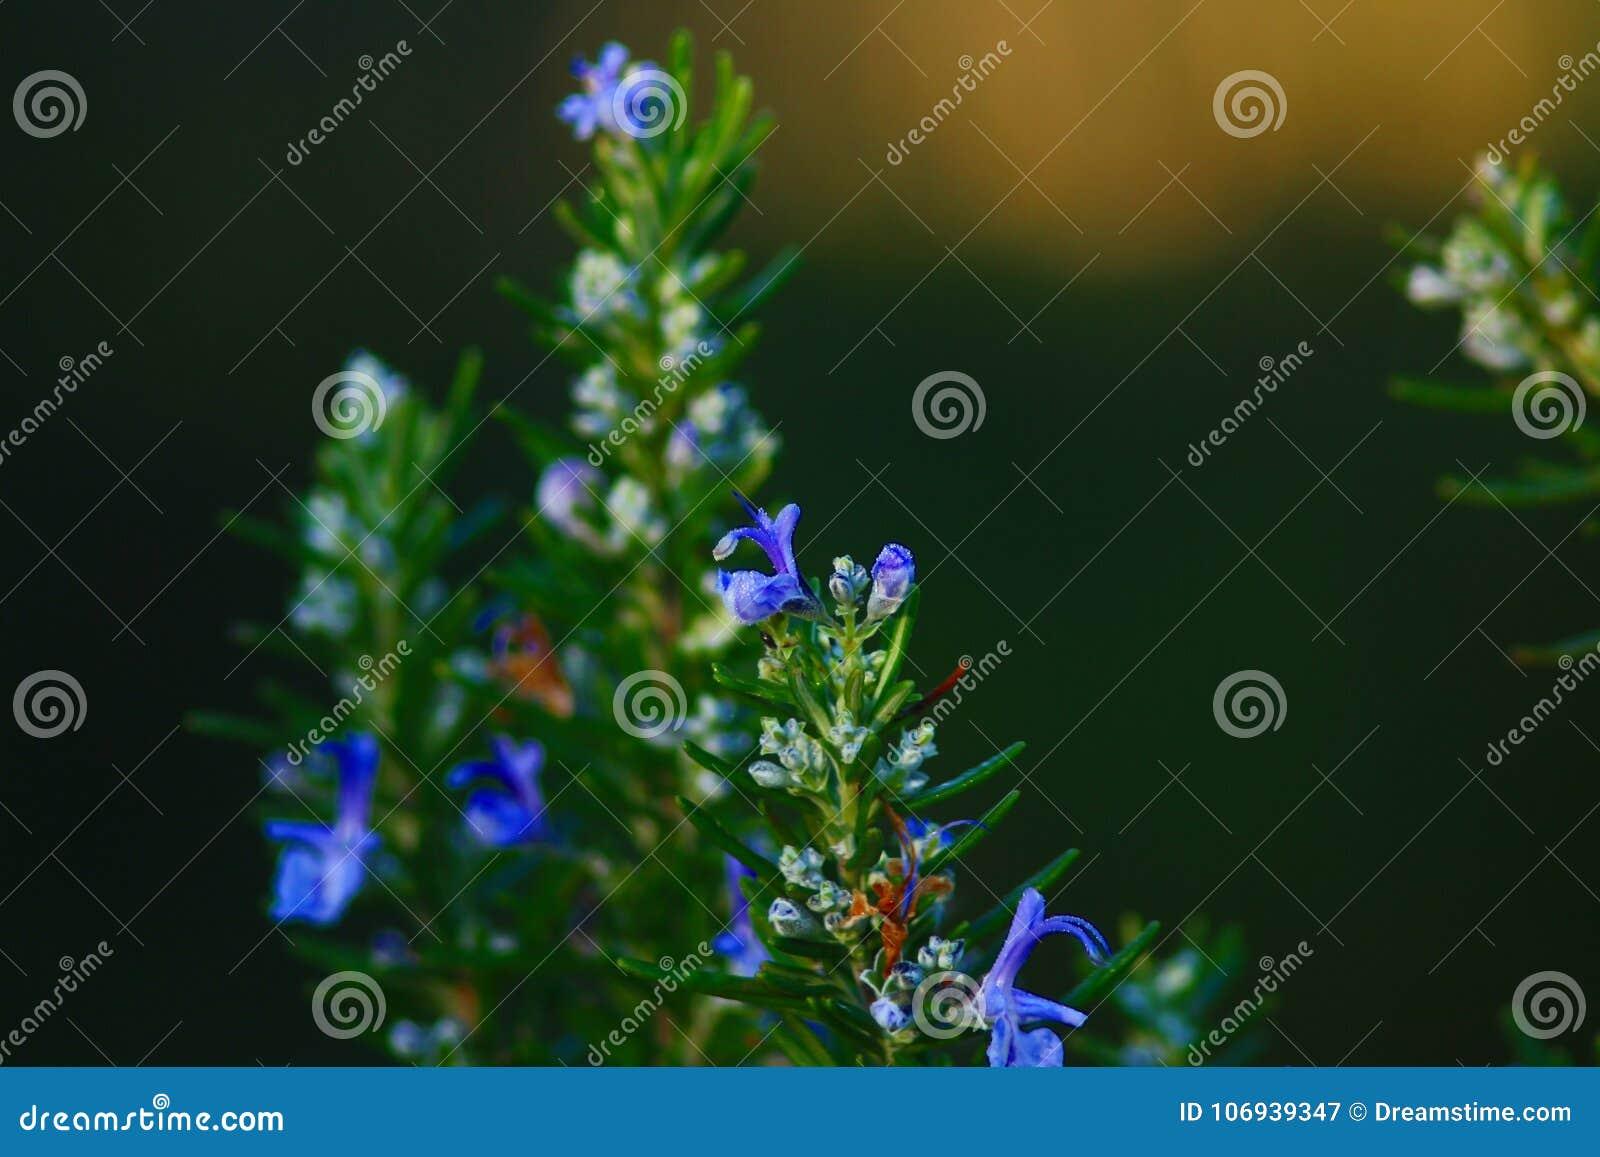 Schreie in der Blume des Rosmarins im Mittelmeerfleck der italienischen Halbinsel